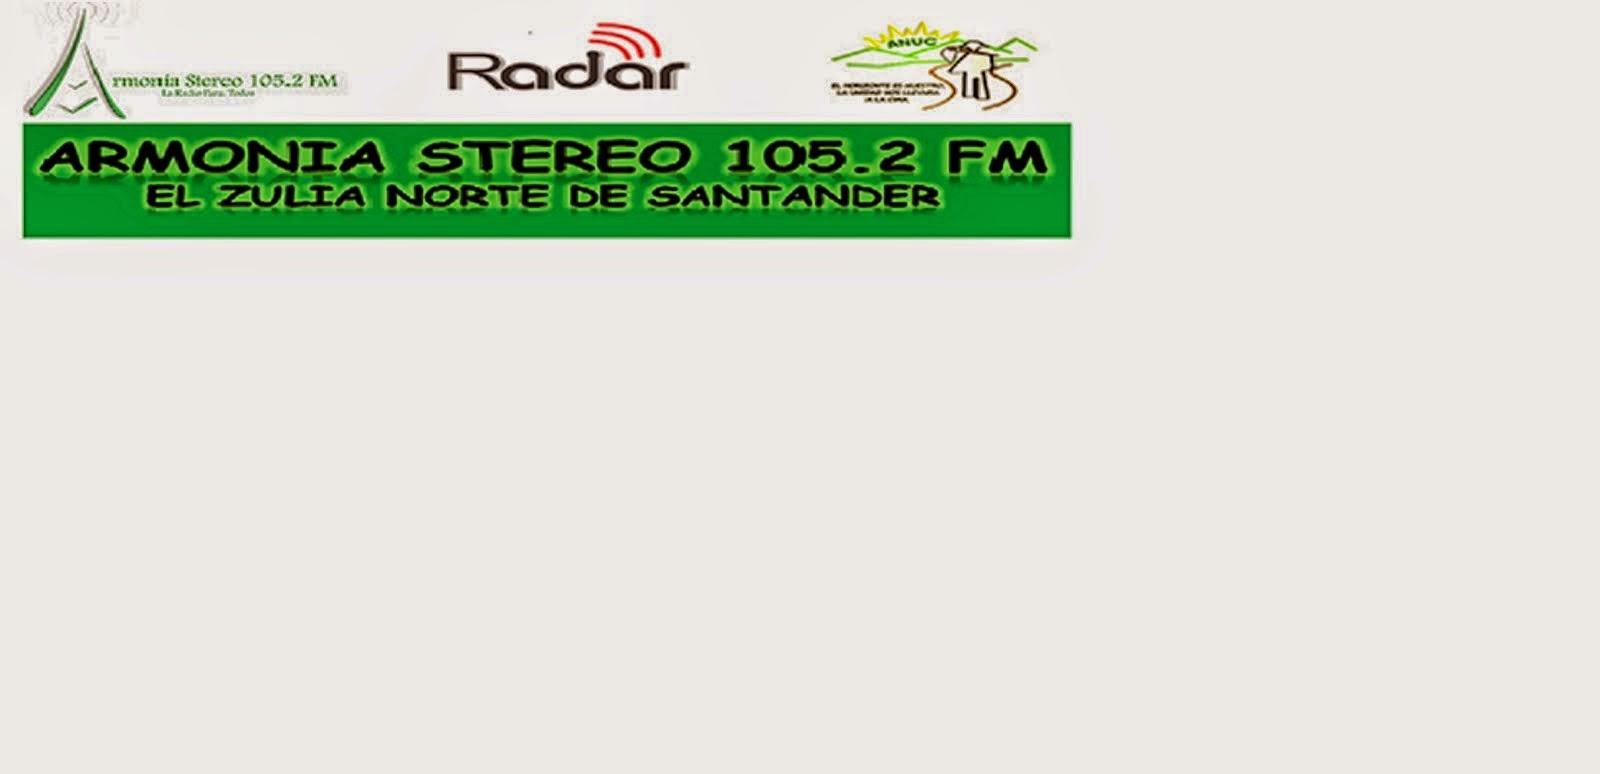 ARMONIA STEREO 105.2